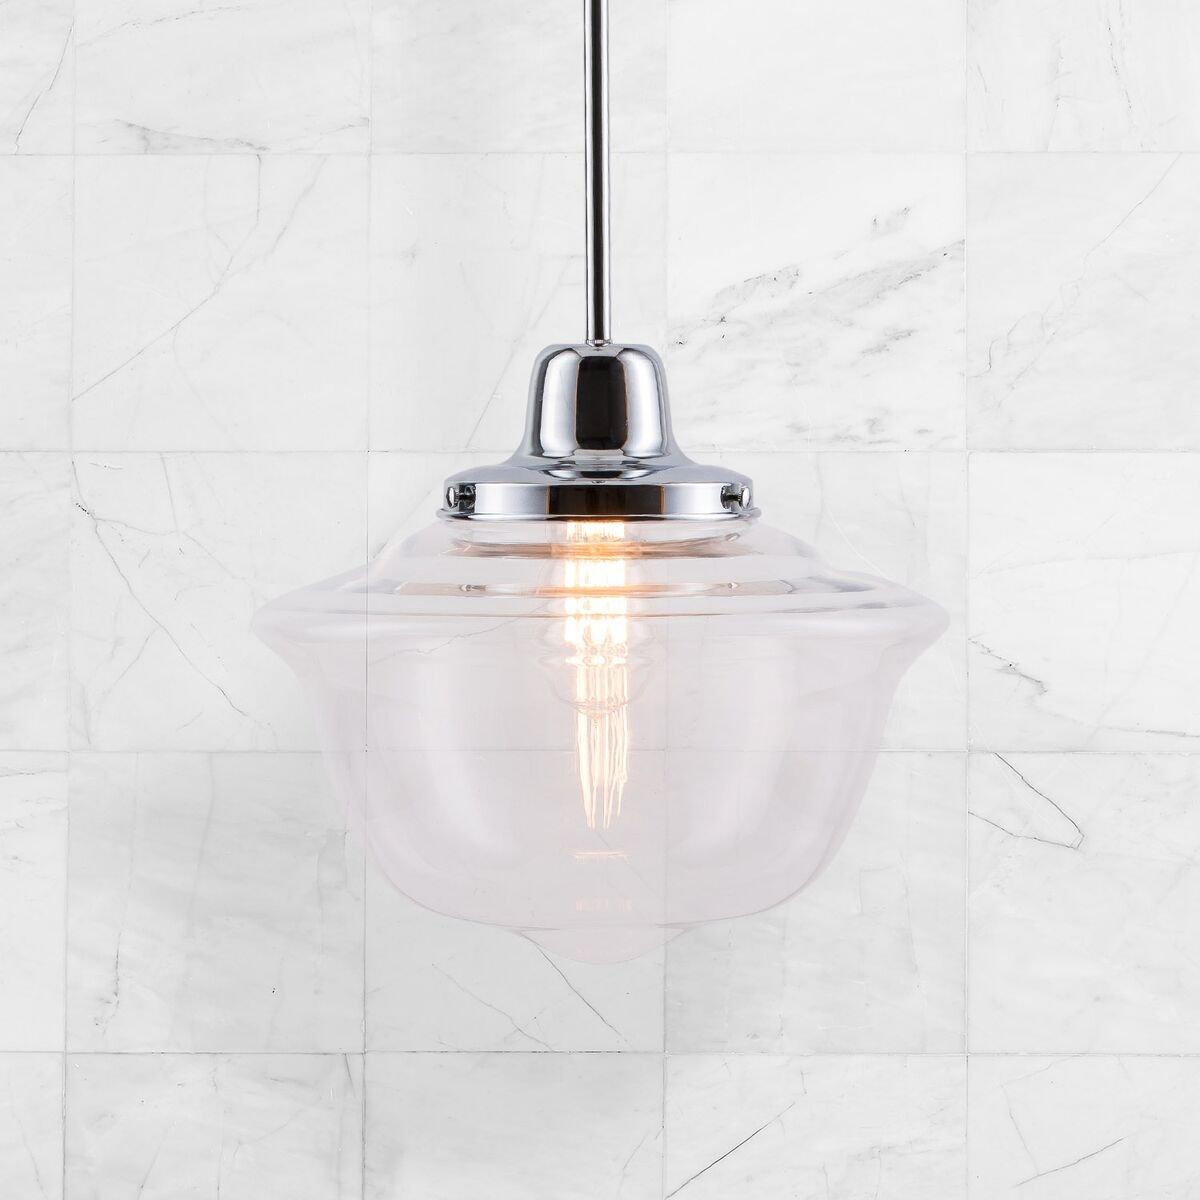 Lavagna LED Schoolhouse Pendant - Chrome w/Clear Glass Shade - Linea di Liara LL-P272-PC by Linea di Liara (Image #4)